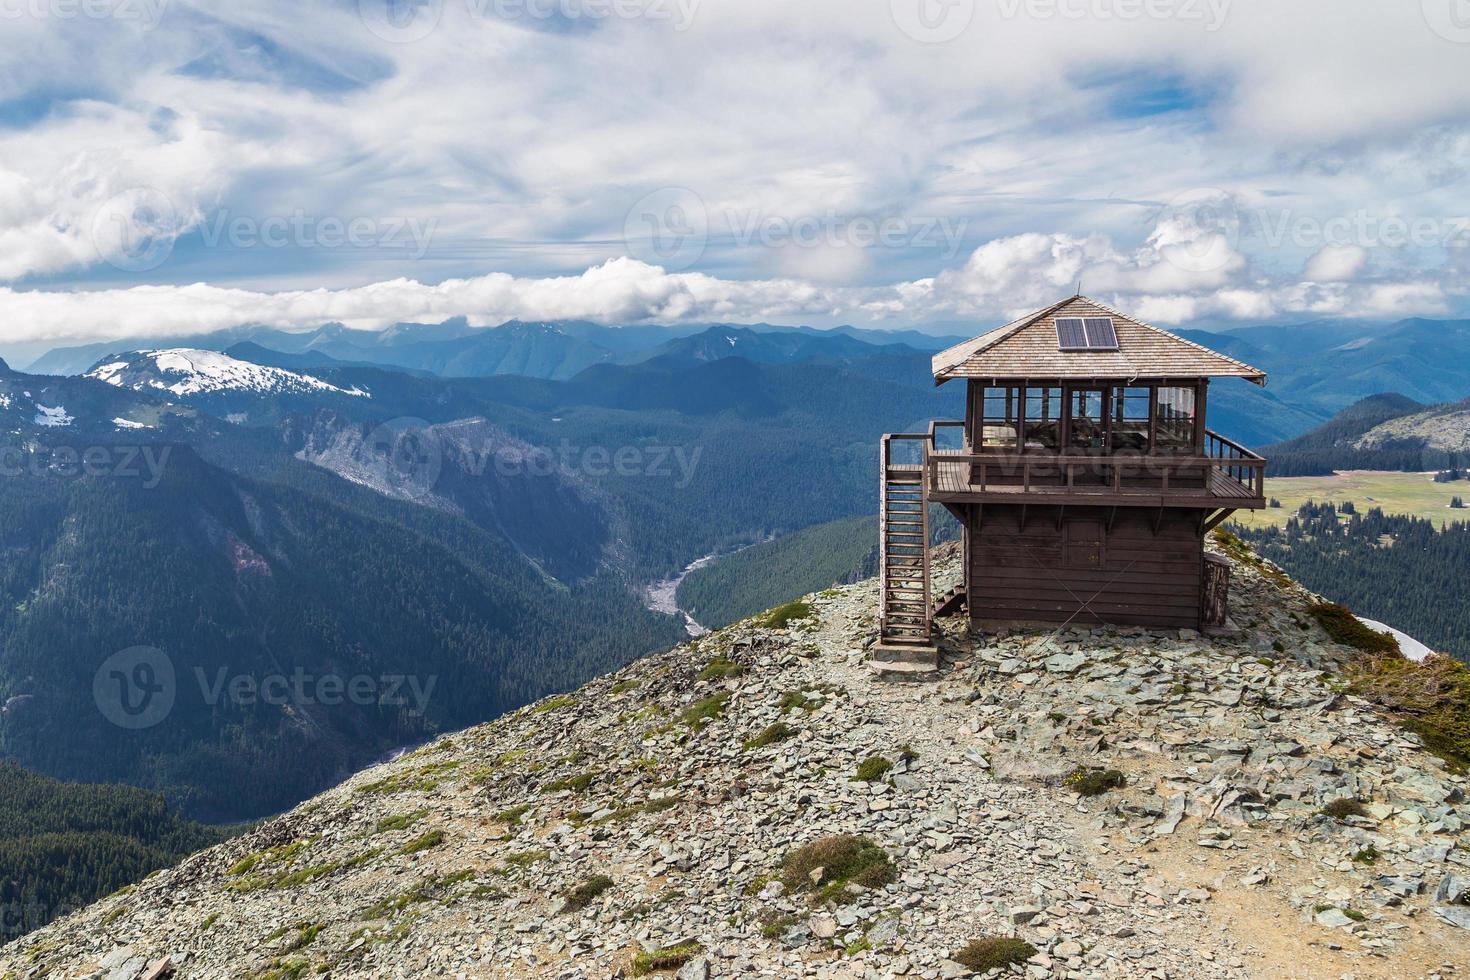 mt. Freemont Aussichtspunkt in mt. regnerischer Nationalpark foto